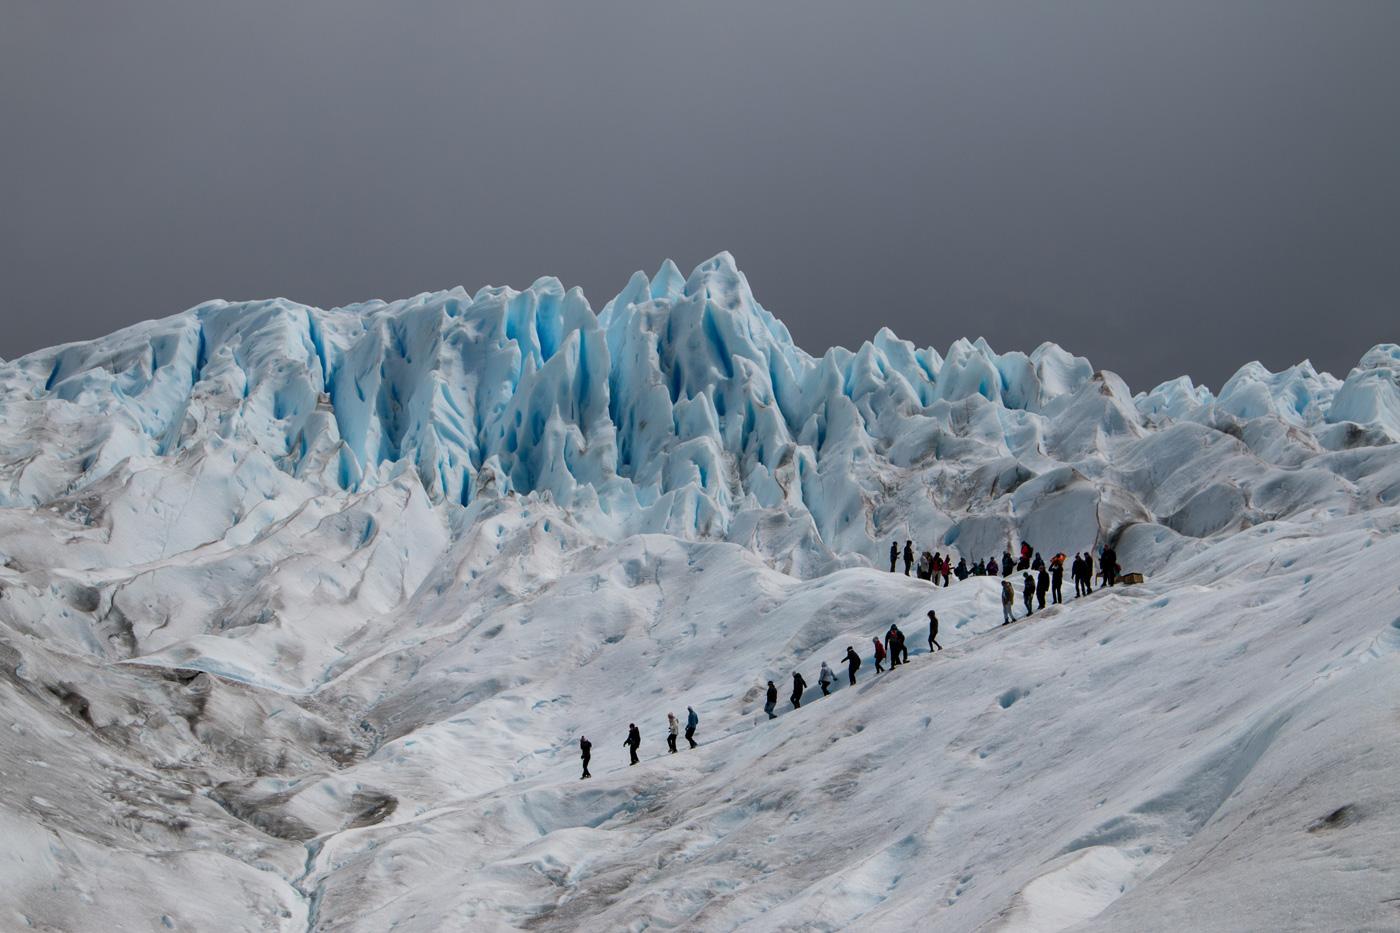 Heading off to explore the Perito Moreno glacier on foot